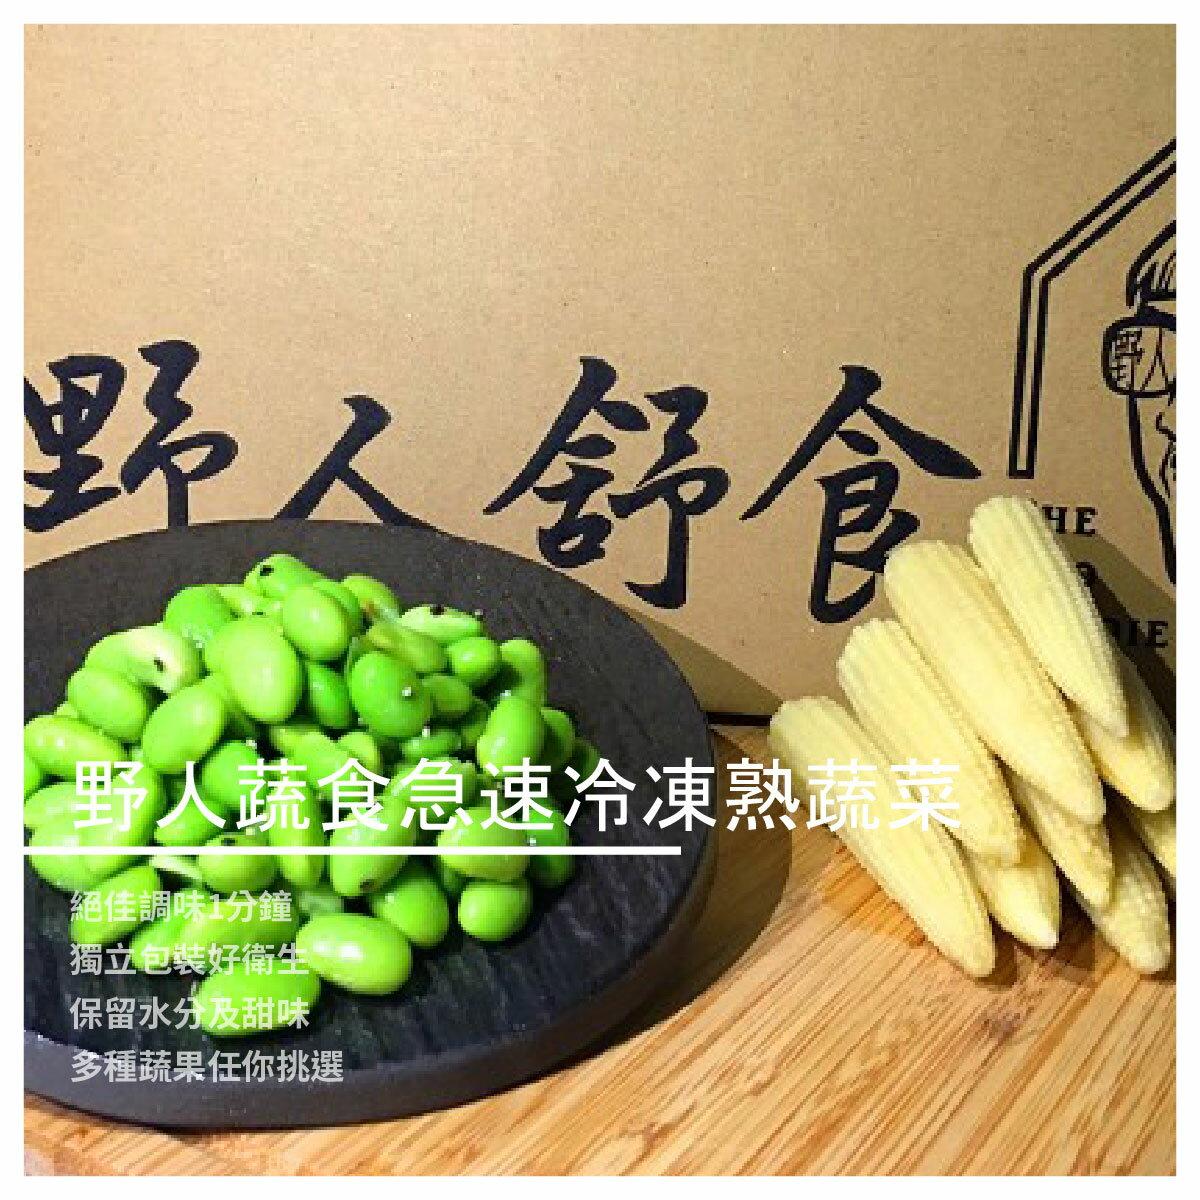 【野人舒食】蔬菜隨食包-野人蔬食急速冷凍熟蔬菜/包/無調味